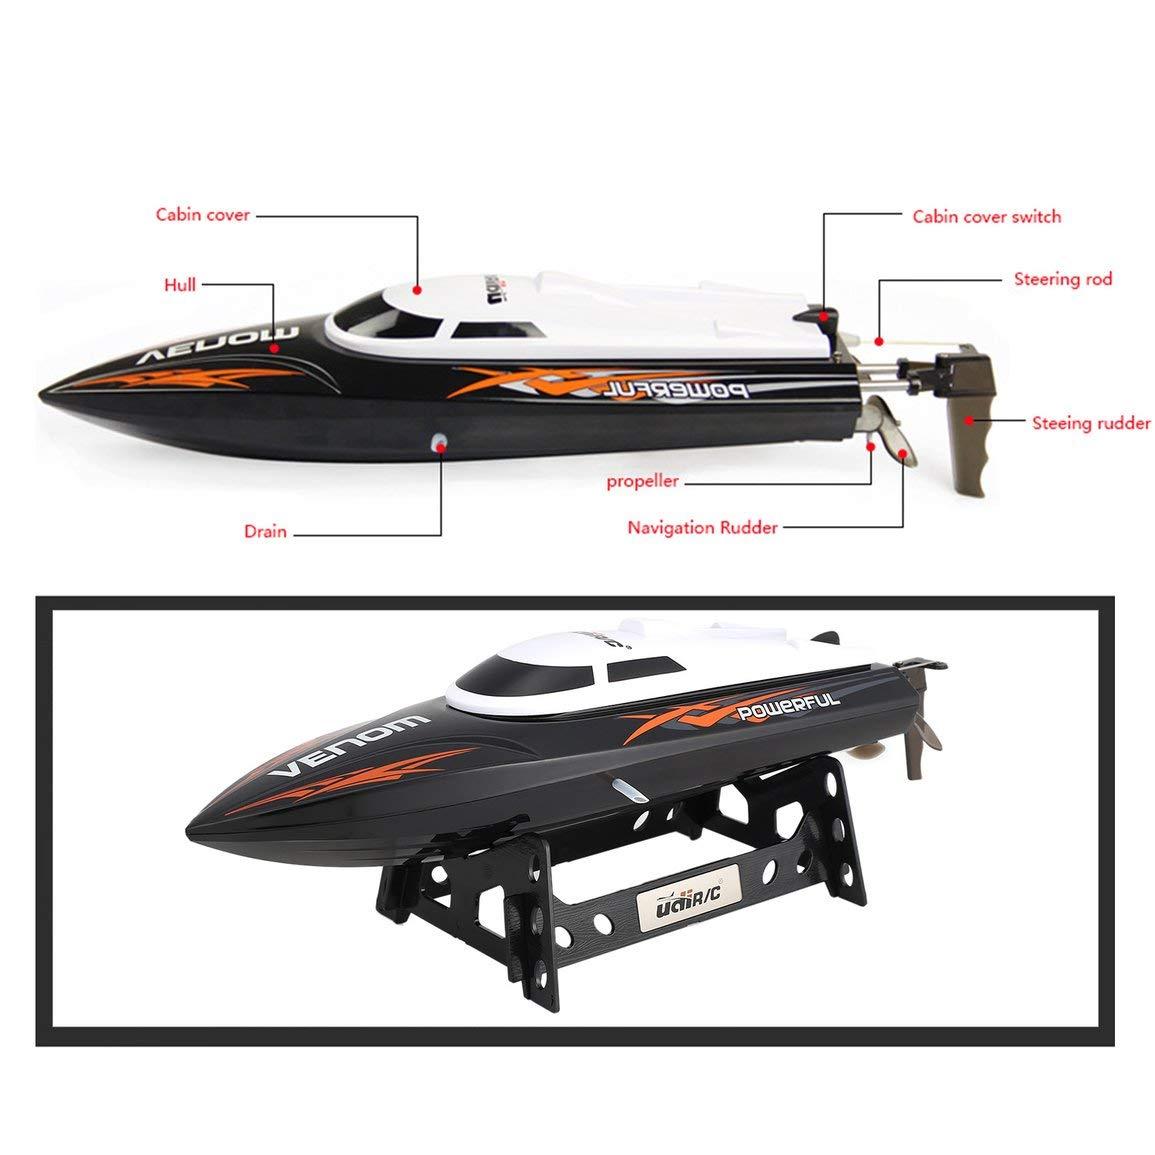 Fantasyworld UDI001 20 kmh 2.4G Cepillado de Alta Velocidad Velocidad Velocidad Remoto RC Racing Barco de Control lancha raacute;pida de la Nave con Agua de refrigeracioacute;n Sistema de Auto-enderezamiento d80c0d